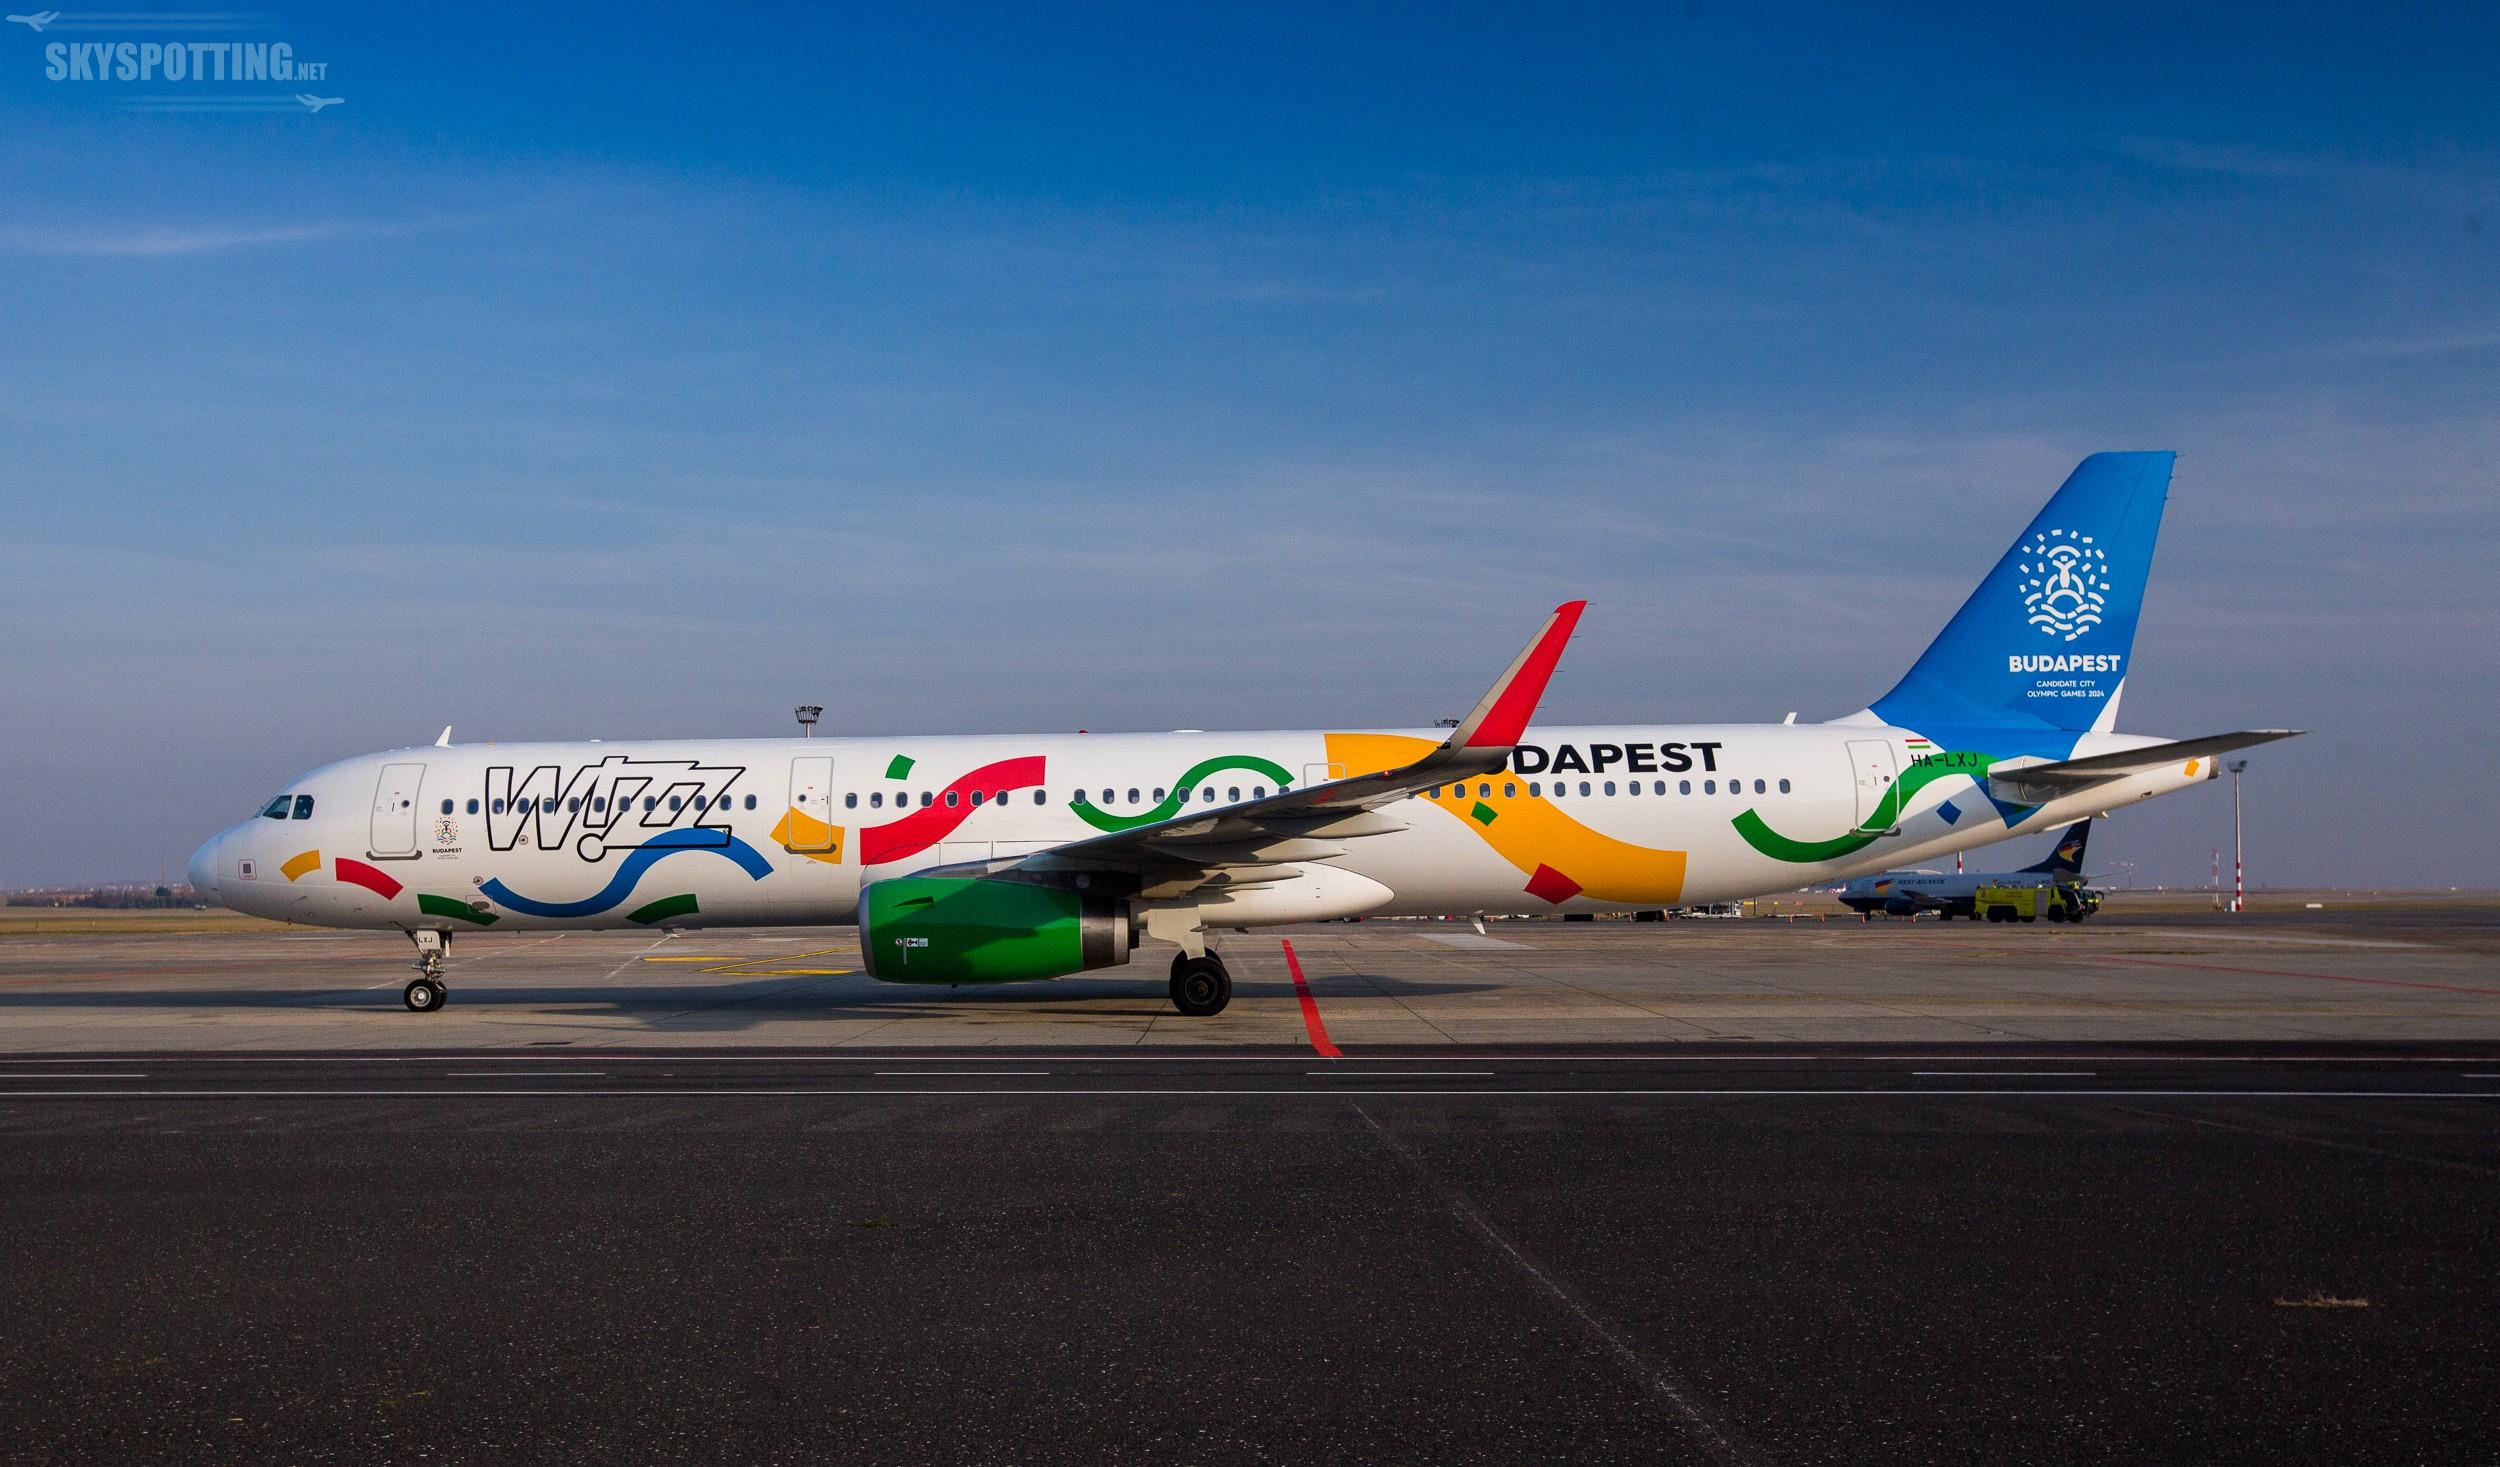 Wizz Air przedstawia wyjątkowe malowanie samolotu na lotnisku w Budapeszcie